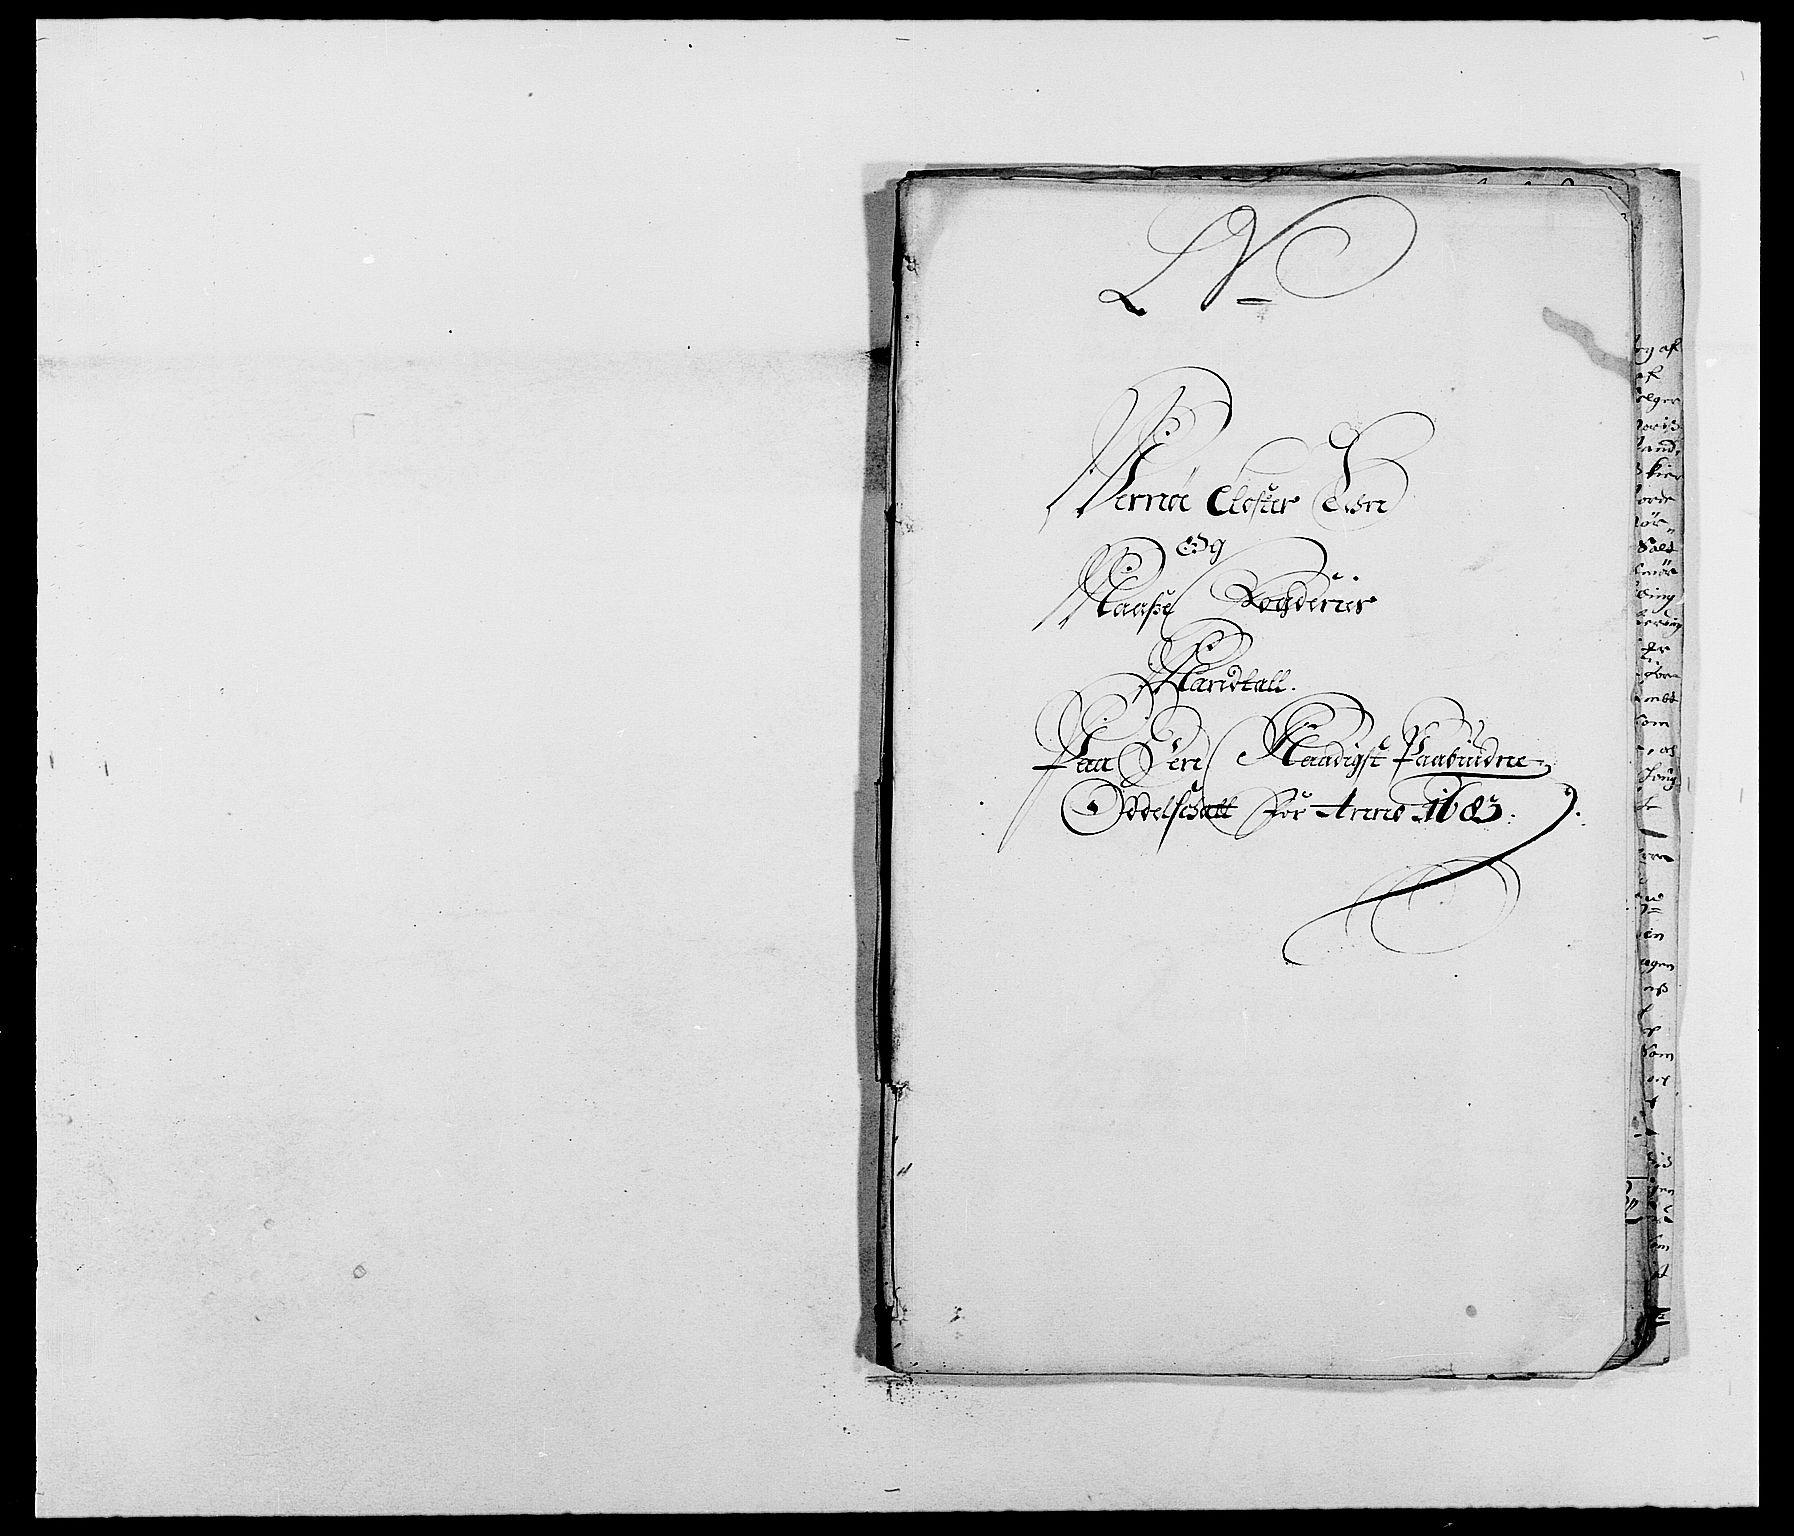 RA, Rentekammeret inntil 1814, Reviderte regnskaper, Fogderegnskap, R02/L0103: Fogderegnskap Moss og Verne kloster, 1682-1684, s. 383